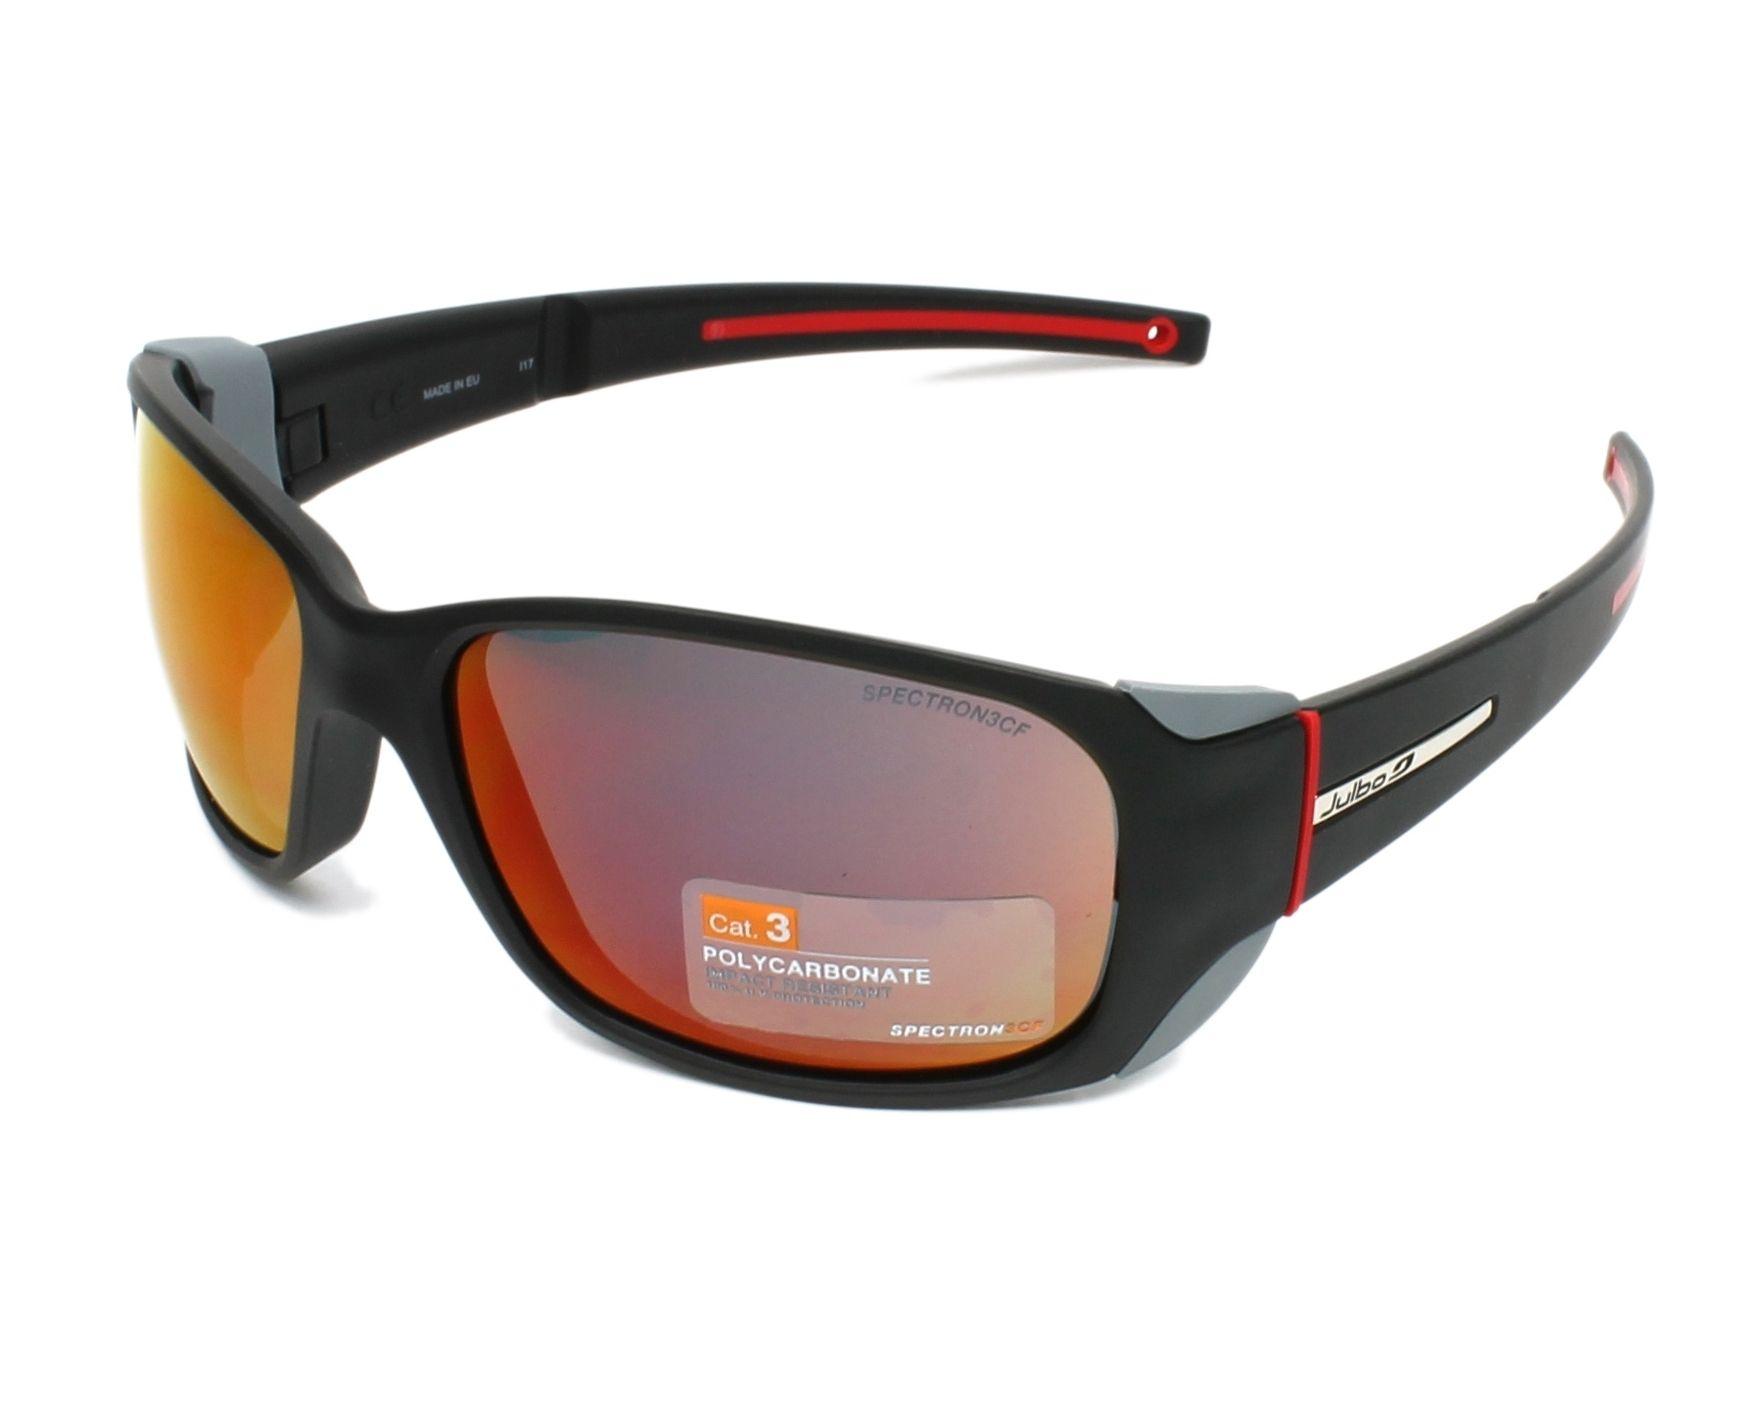 cd8dfbeff9 Sunglasses Julbo J401 1114 58-15 Black Red profile view